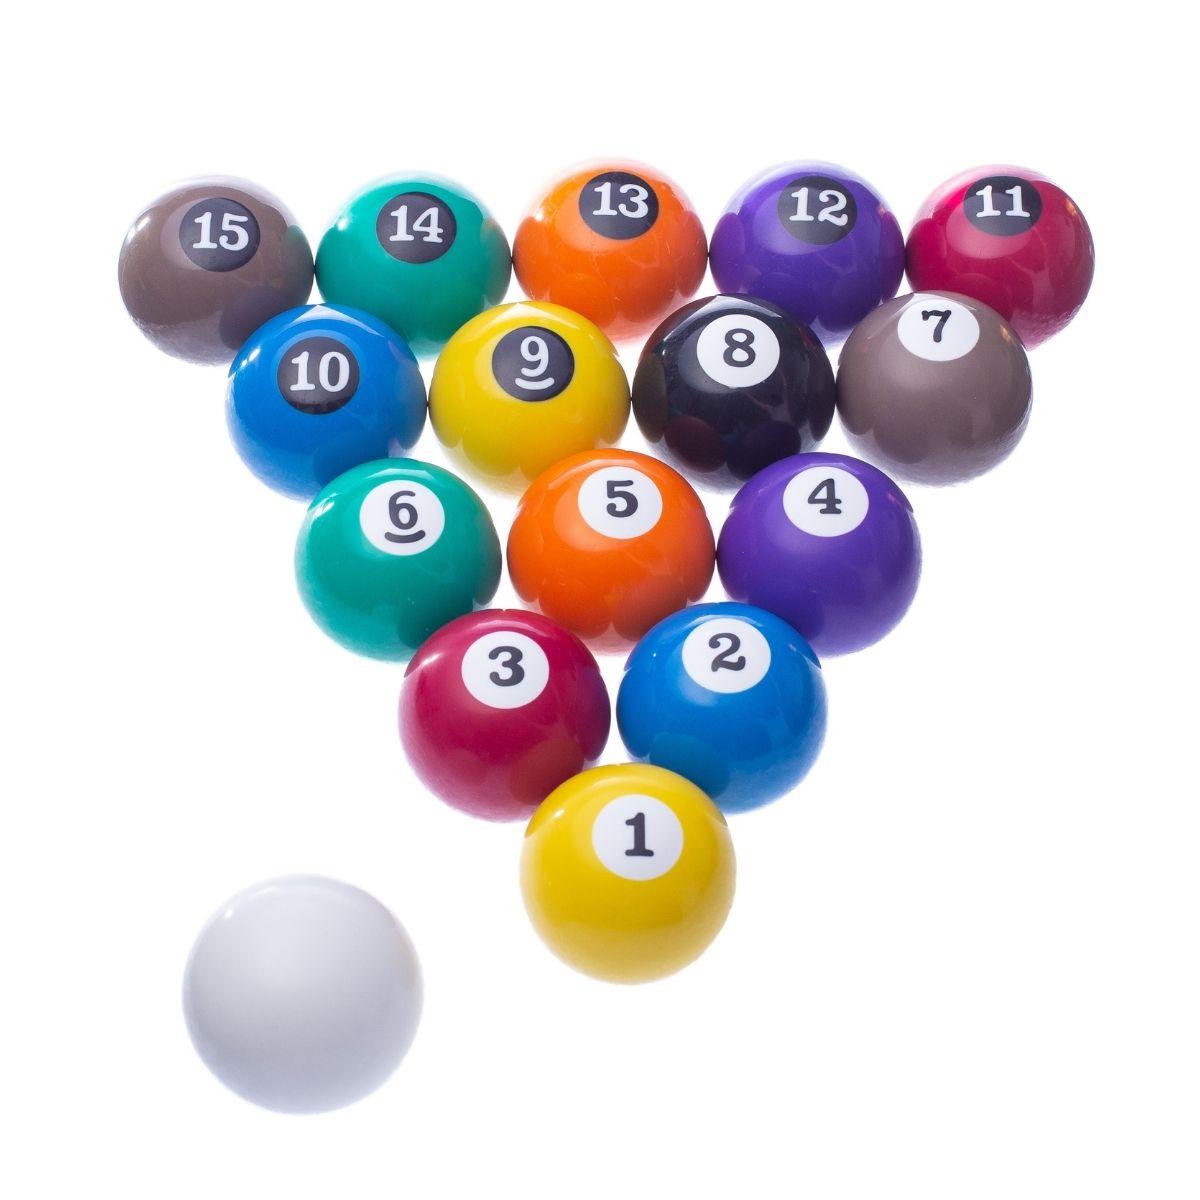 Bolas Numeradas Para Sinuca Bilhar 16 bolas - 50mm